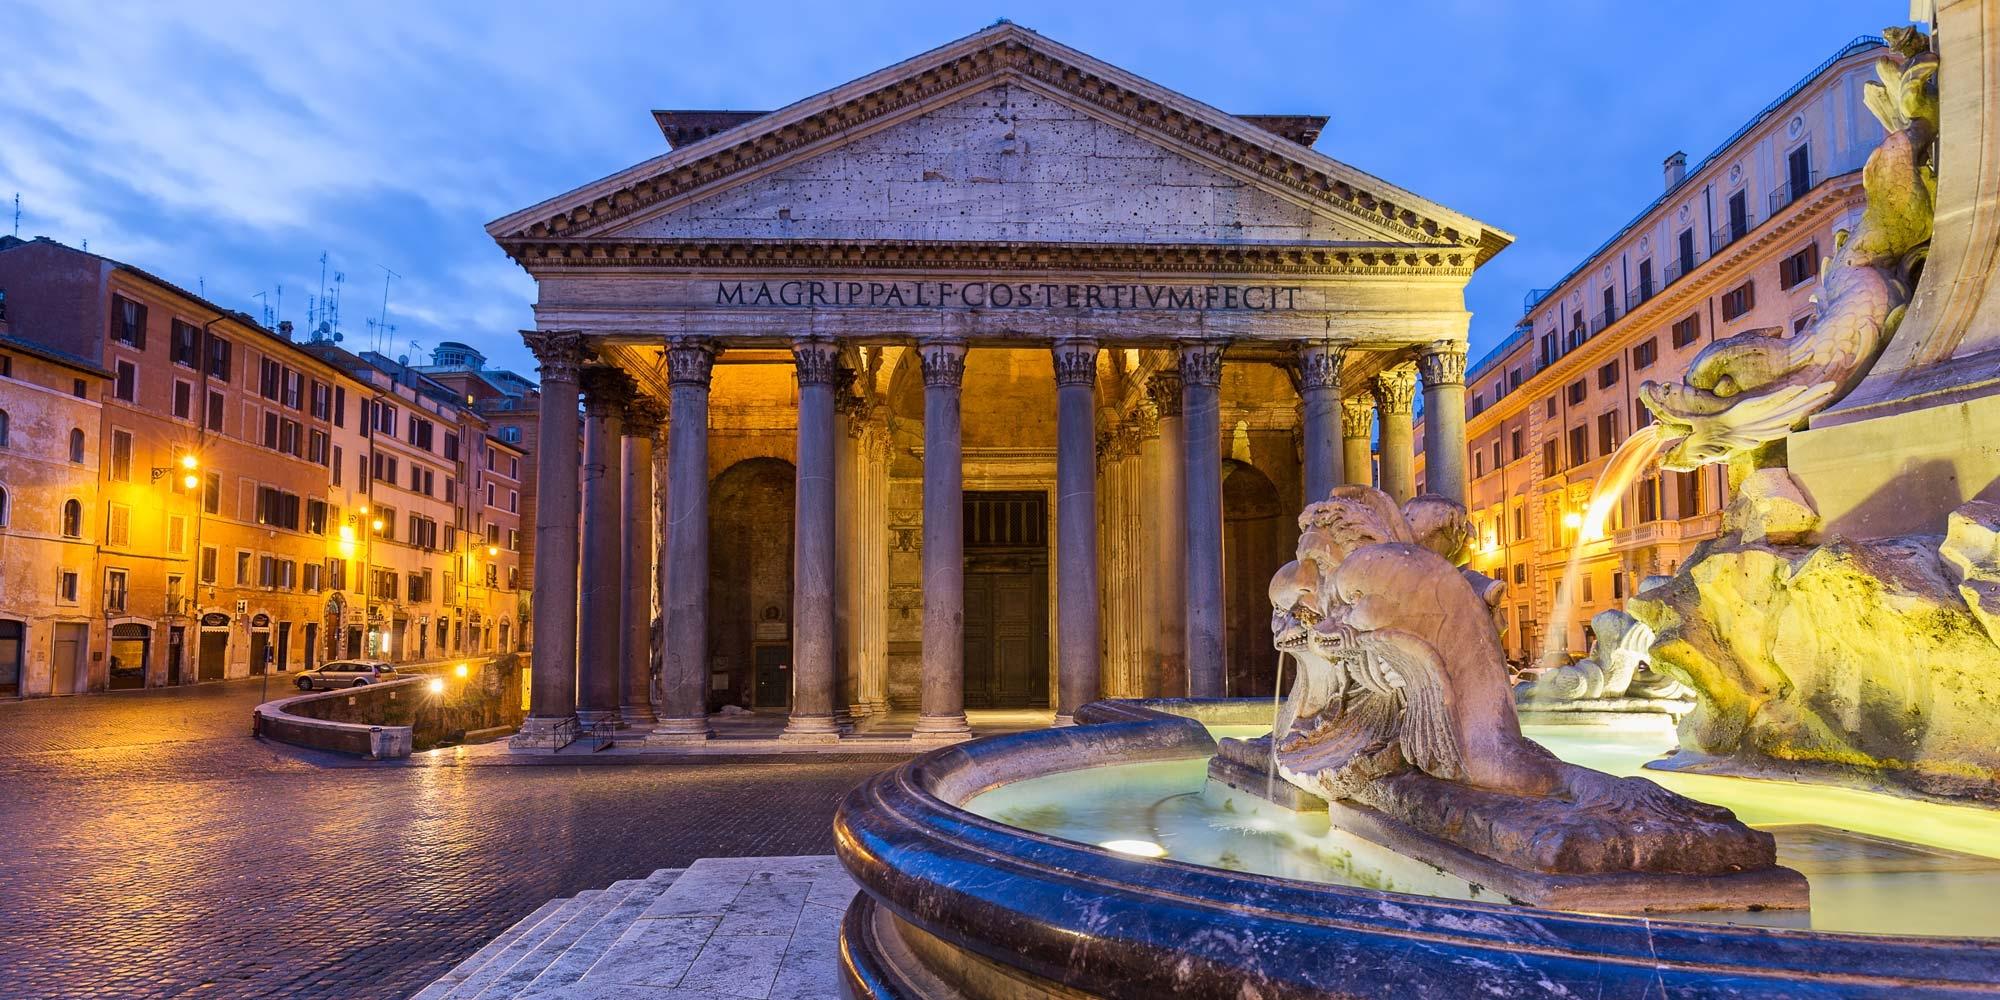 ايطاليا روما اهم الاماكن السياحيه البانثيون